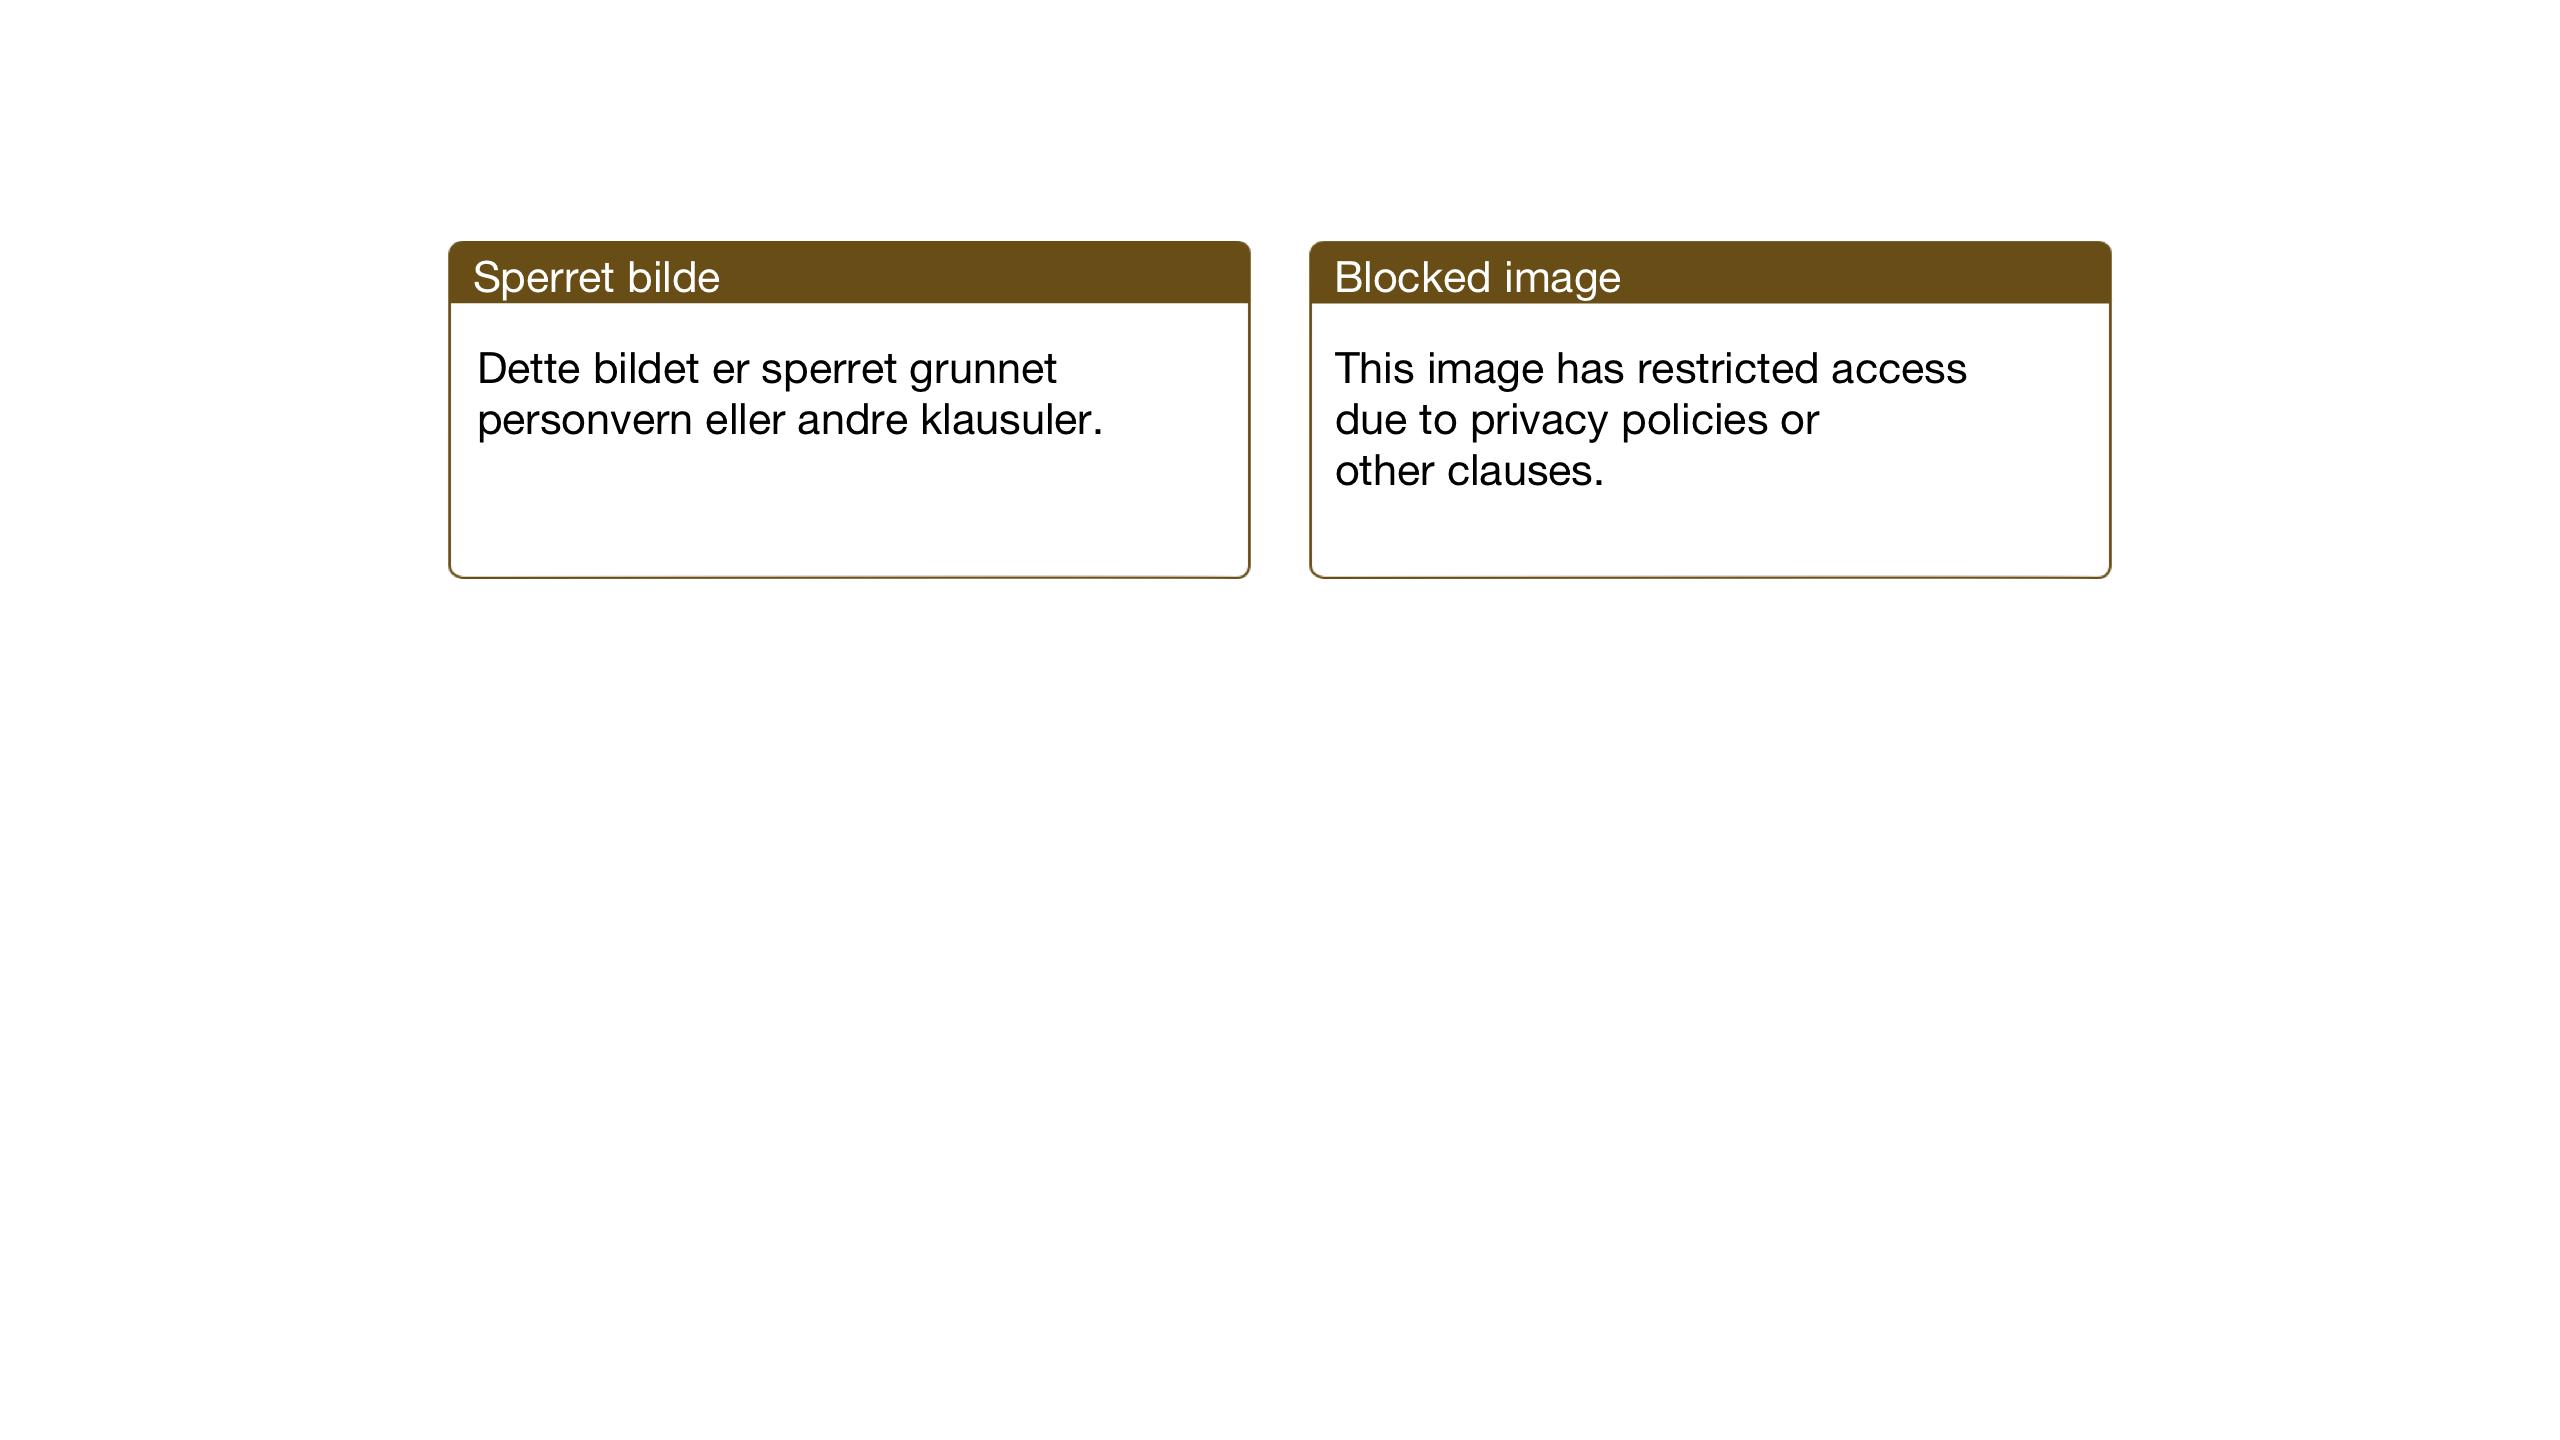 SAT, Ministerialprotokoller, klokkerbøker og fødselsregistre - Sør-Trøndelag, 630/L0508: Klokkerbok nr. 630C06, 1933-1950, s. 164